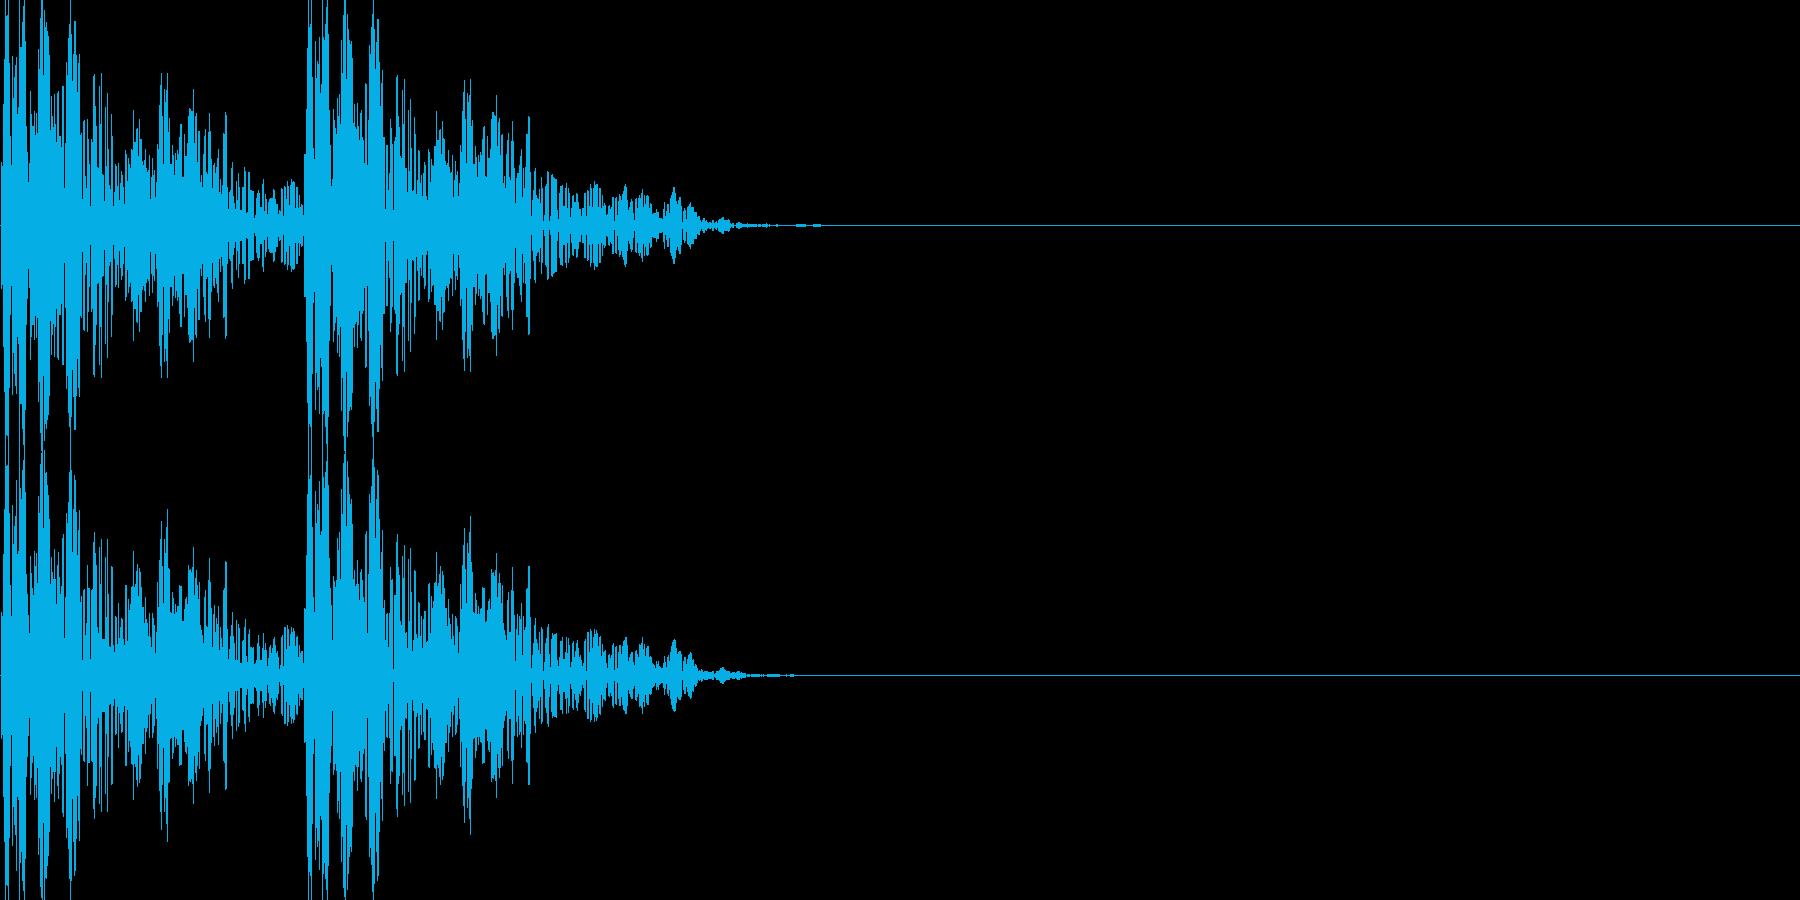 古いRPG風移動音の再生済みの波形